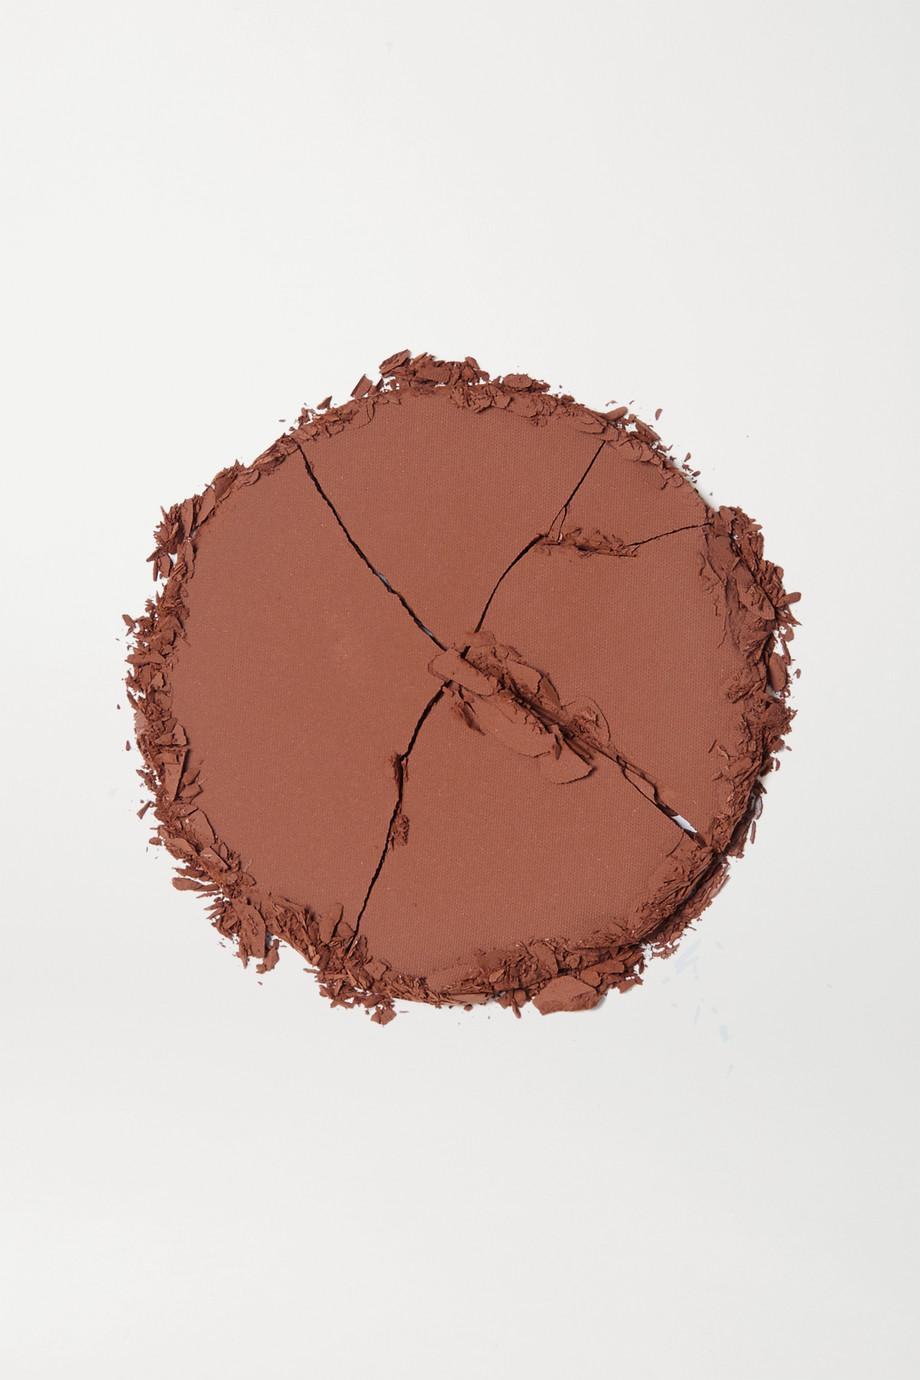 Charlotte Tilbury Recharge de poudre bronzante Airbrush, 4 Deep